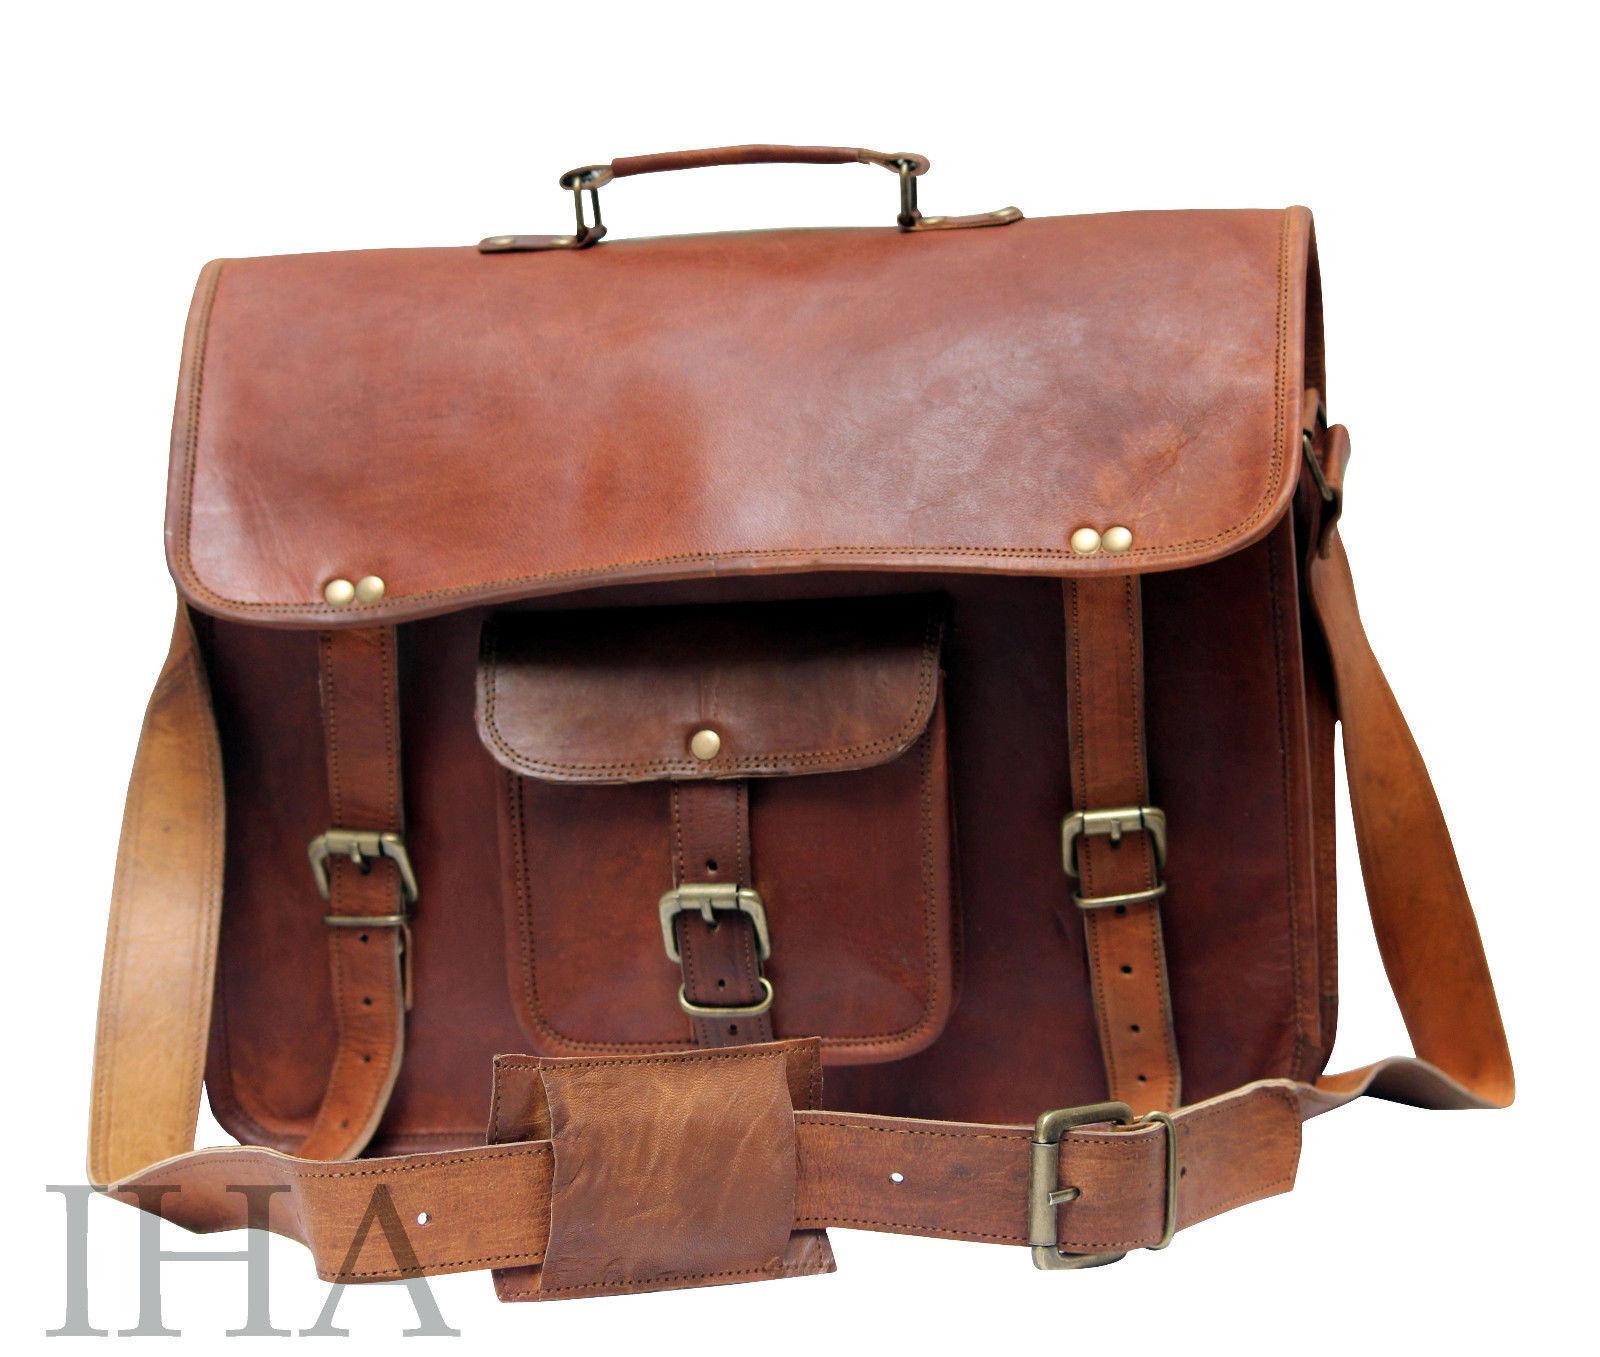 ffb09a0a2579a Aktentasche Lehrertasche Schultasche Leder Tasche Tasche Tasche Jahrgang spitze  Umhängetasche 24603d